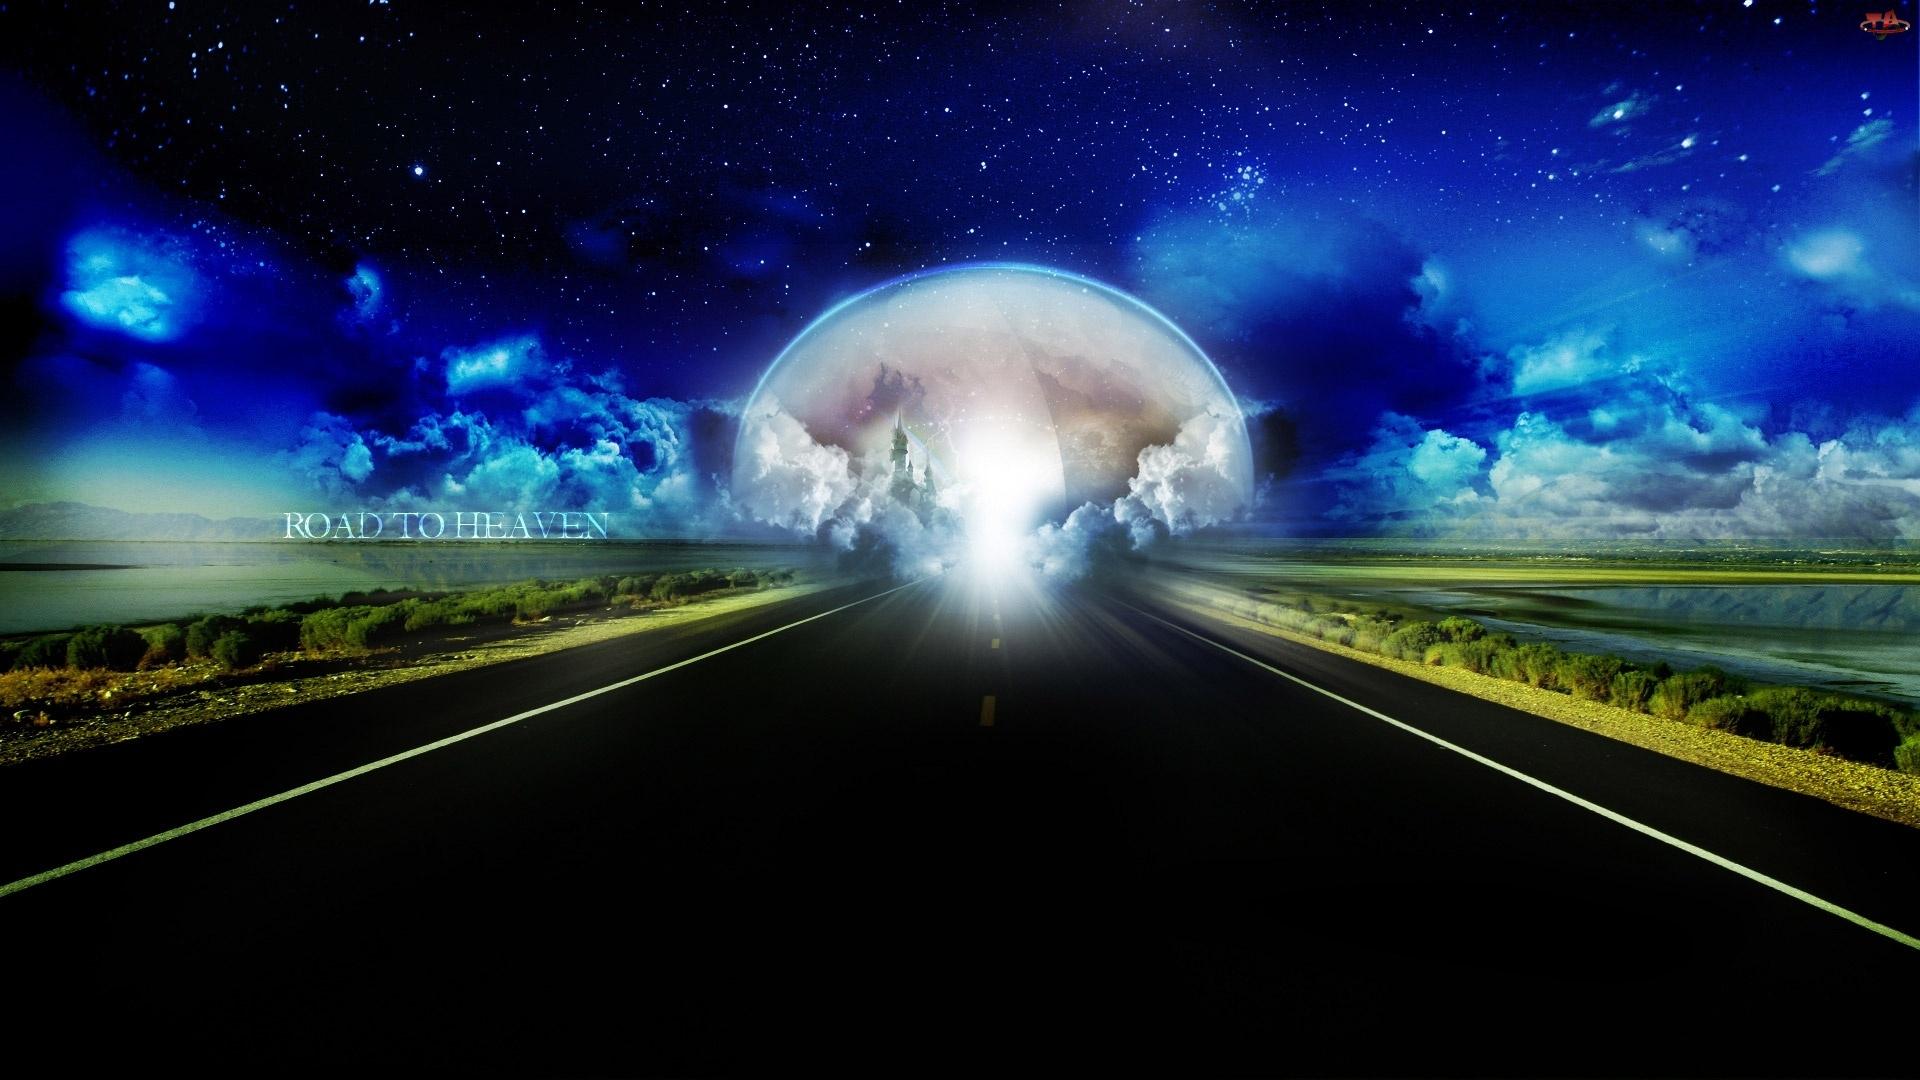 Droga, Chmury, Do, Nieba